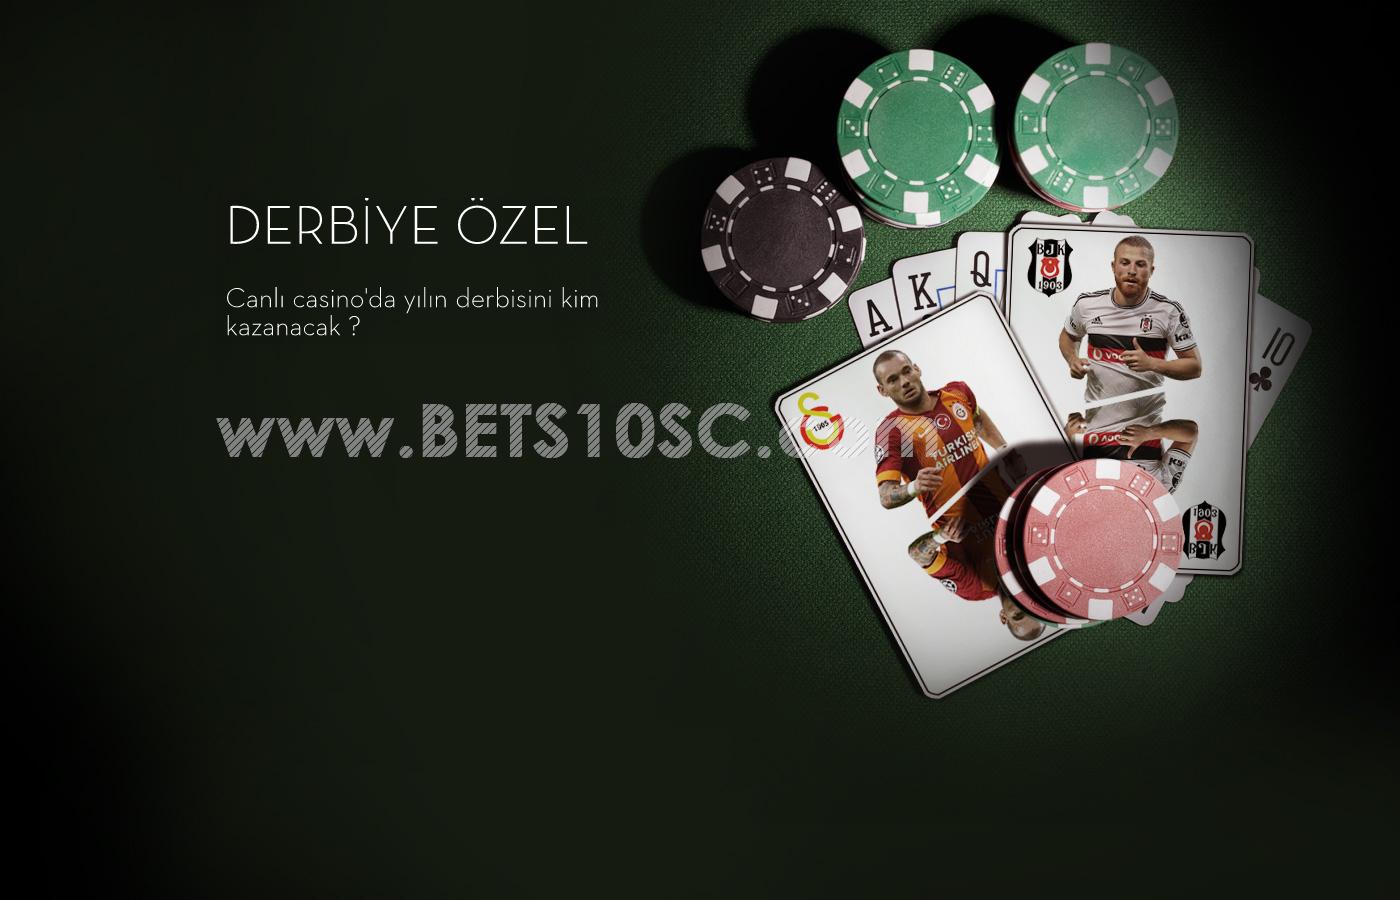 Galatasaray Beşiktaş - Dev Derbi Dev Kampanya Yine Bets10'dan